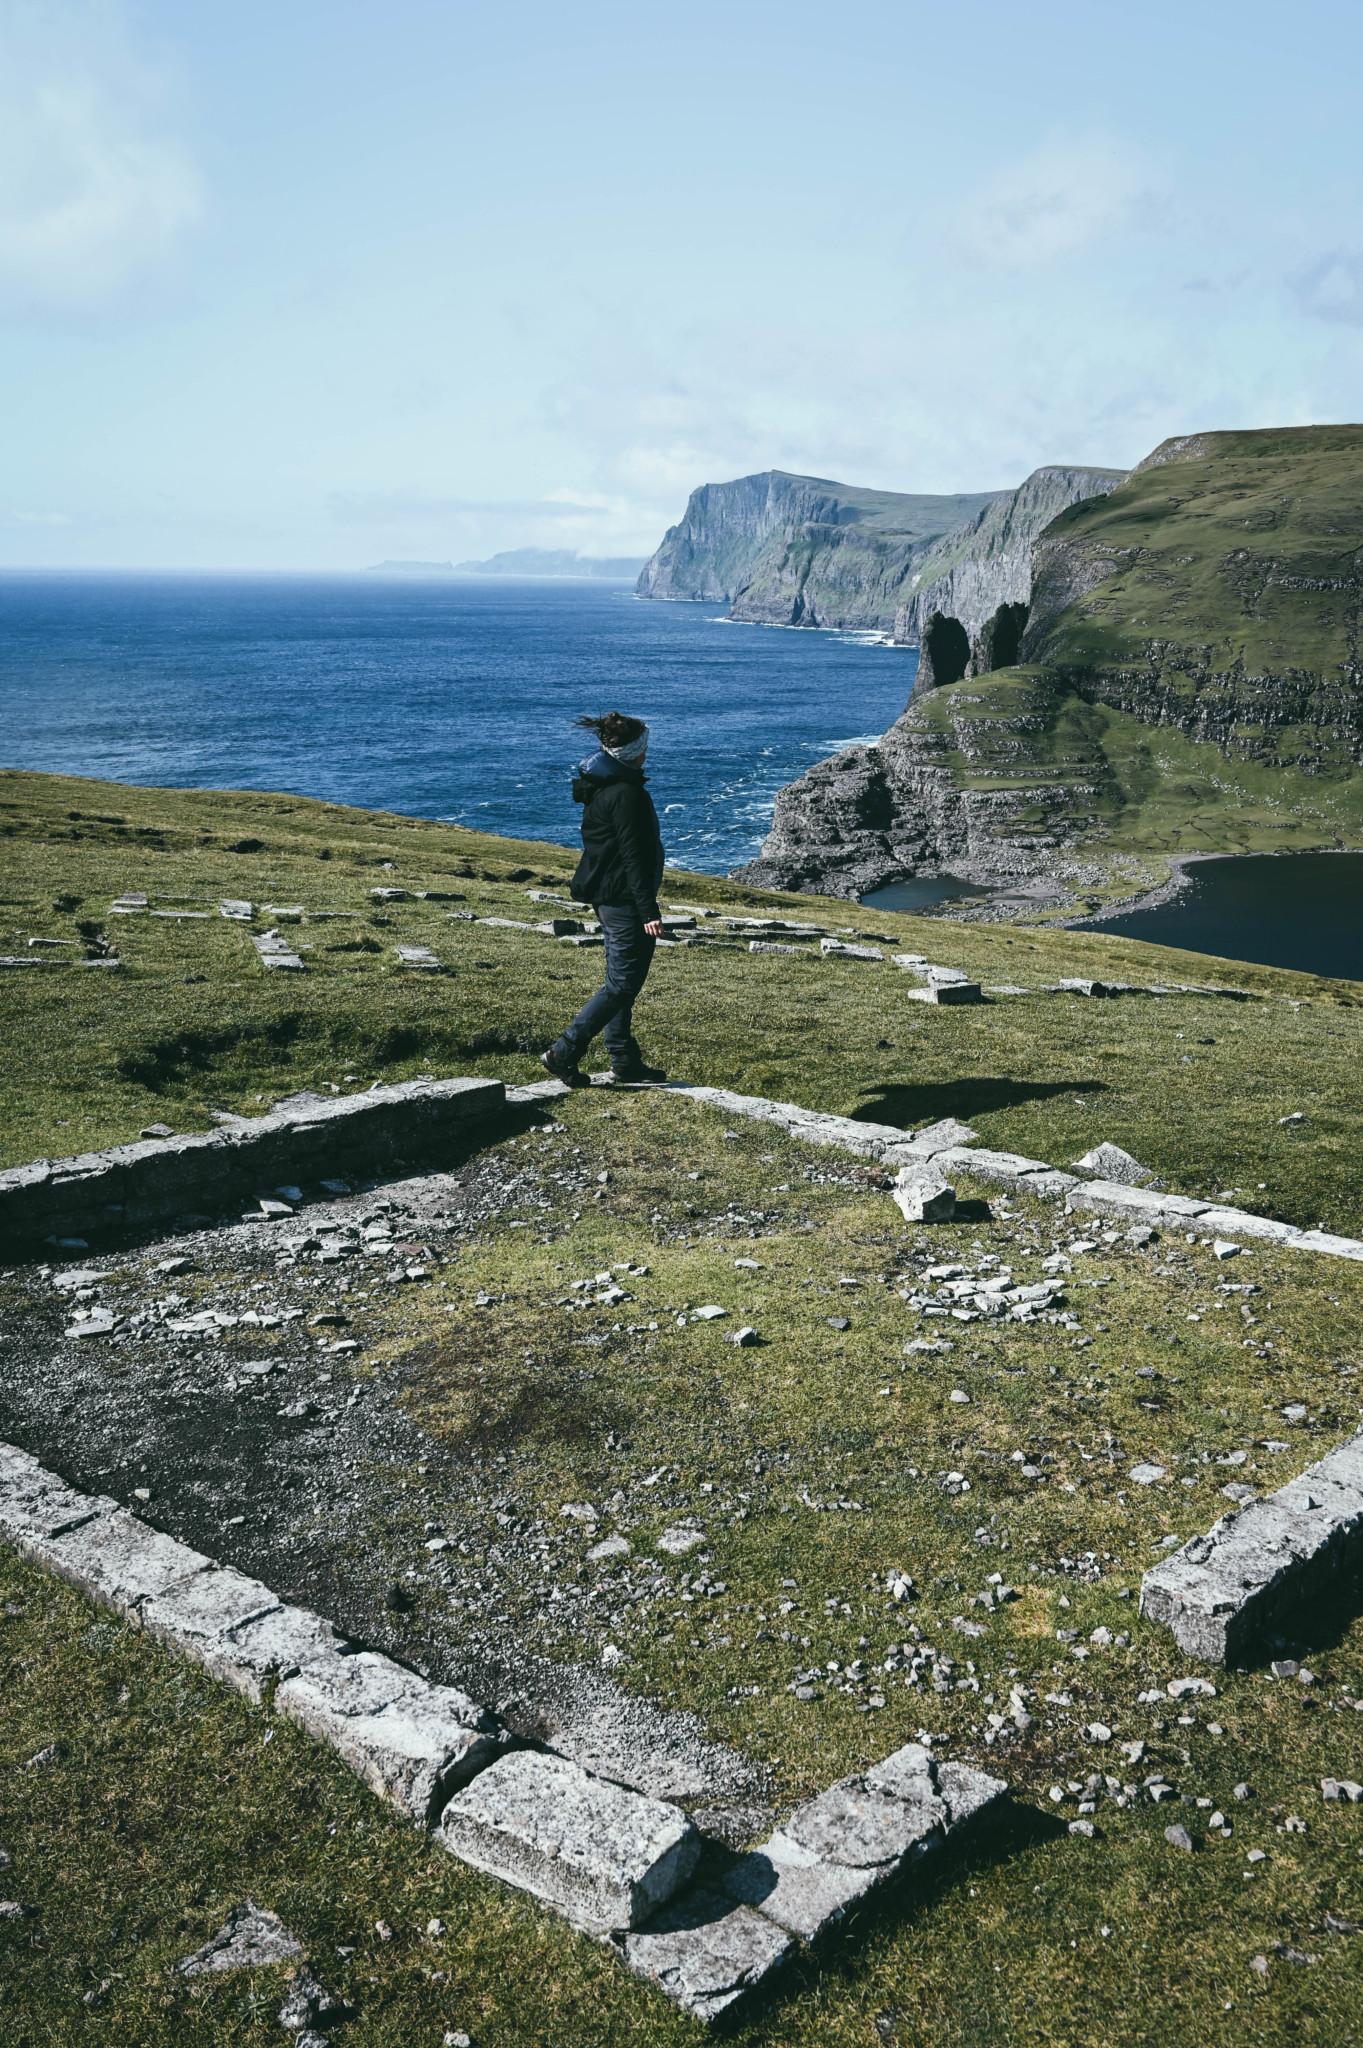 Beliebter Fotostopps: Sørvagsvatn und Trælanípa